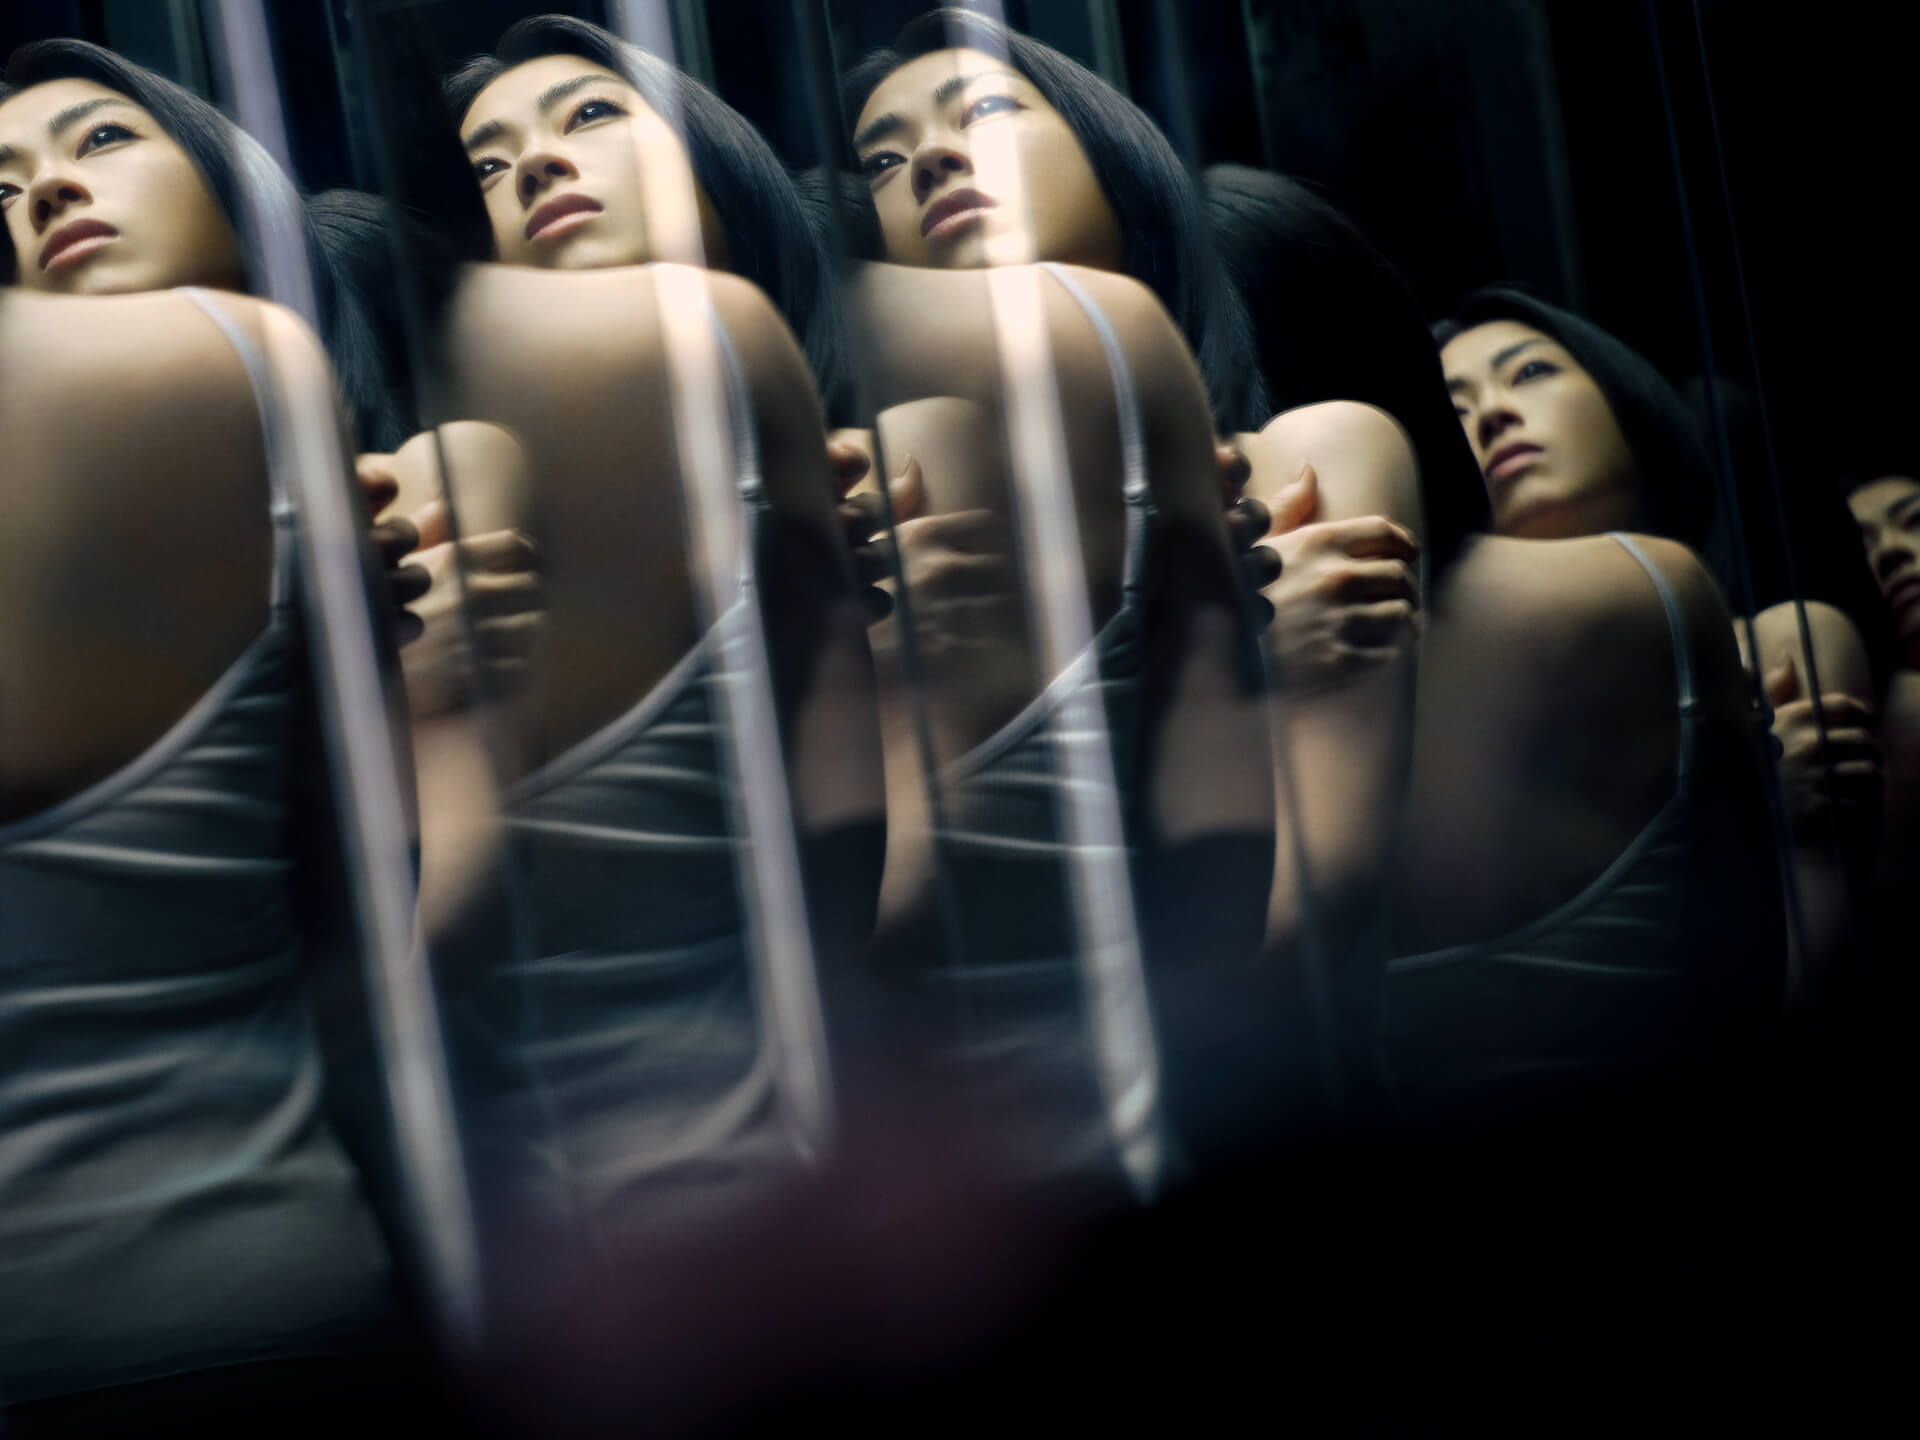 宇多田ヒカルの好評インスタ生配信『ヒカルパイセンに聞け!』が6月も実施決定!直筆サイン入りアイテムが当たるキャンペーンも music210515_utadahikaru_4